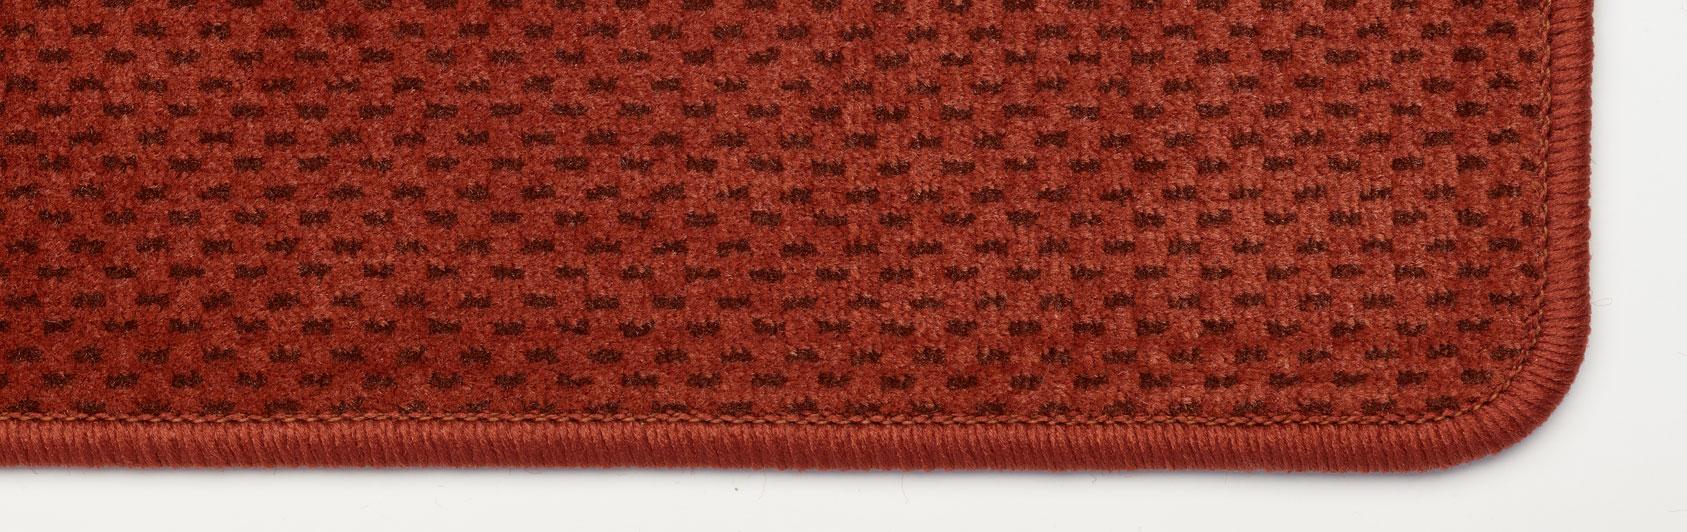 tapis d'église velours couleur code 2401 couleur rouge